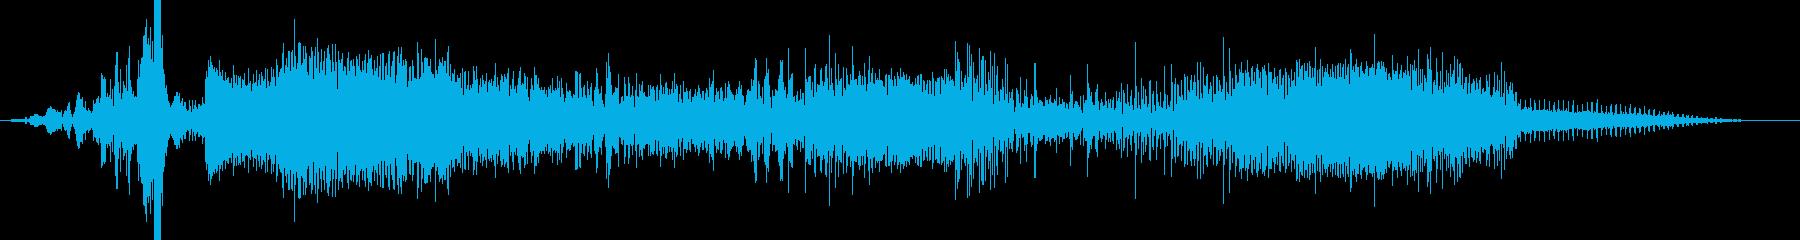 雷系の魔法のようなSEの再生済みの波形